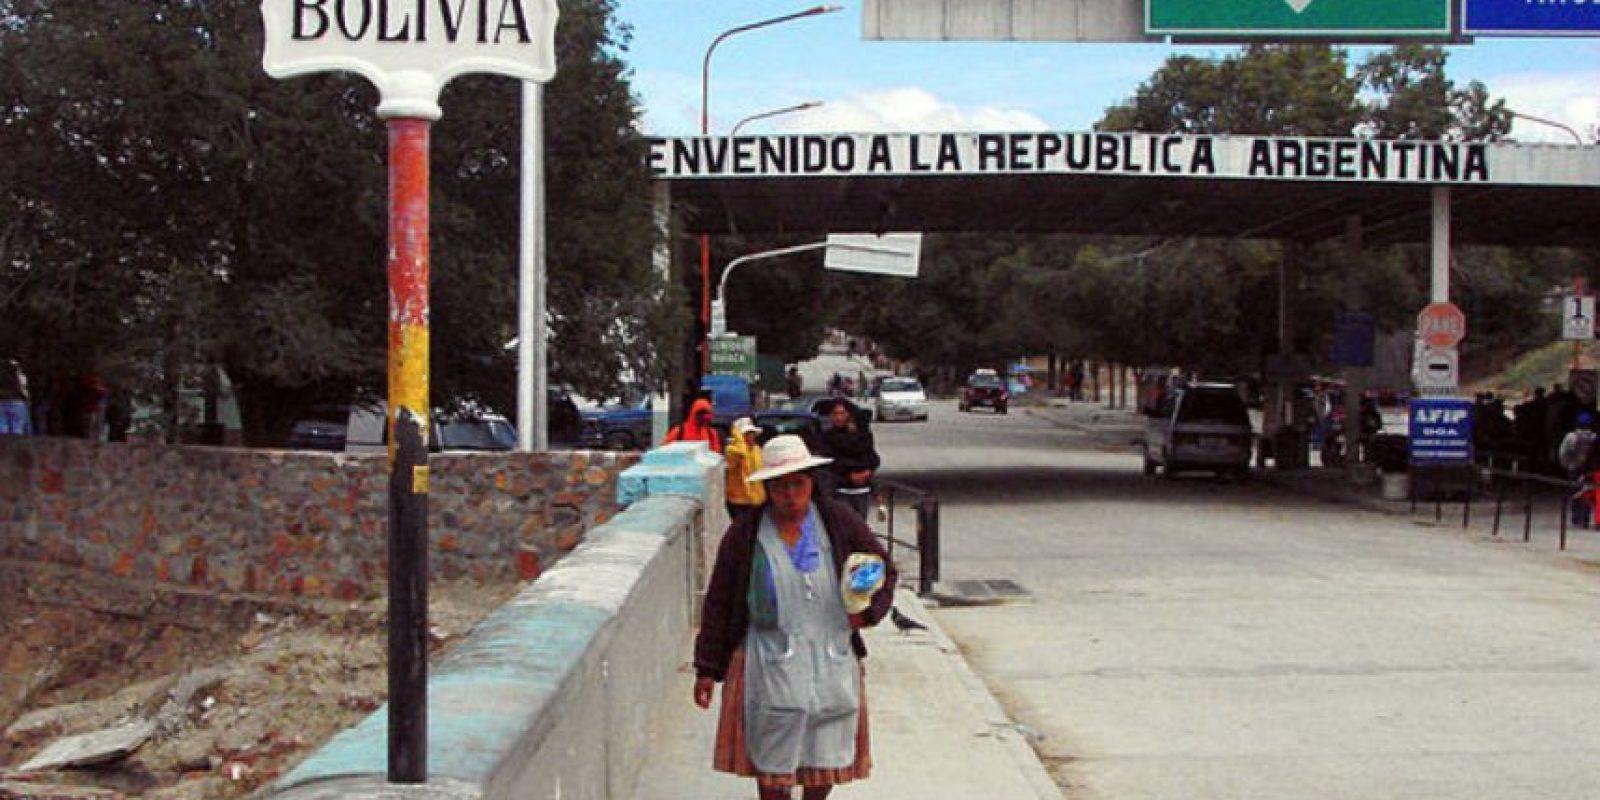 Por esa razón, incrementaron su seguridad en las fronteras con Argentina y Chile, países en los que se especuló que el delincuente buscaba ocultarse. Foto:Vía Wikipedia Commons